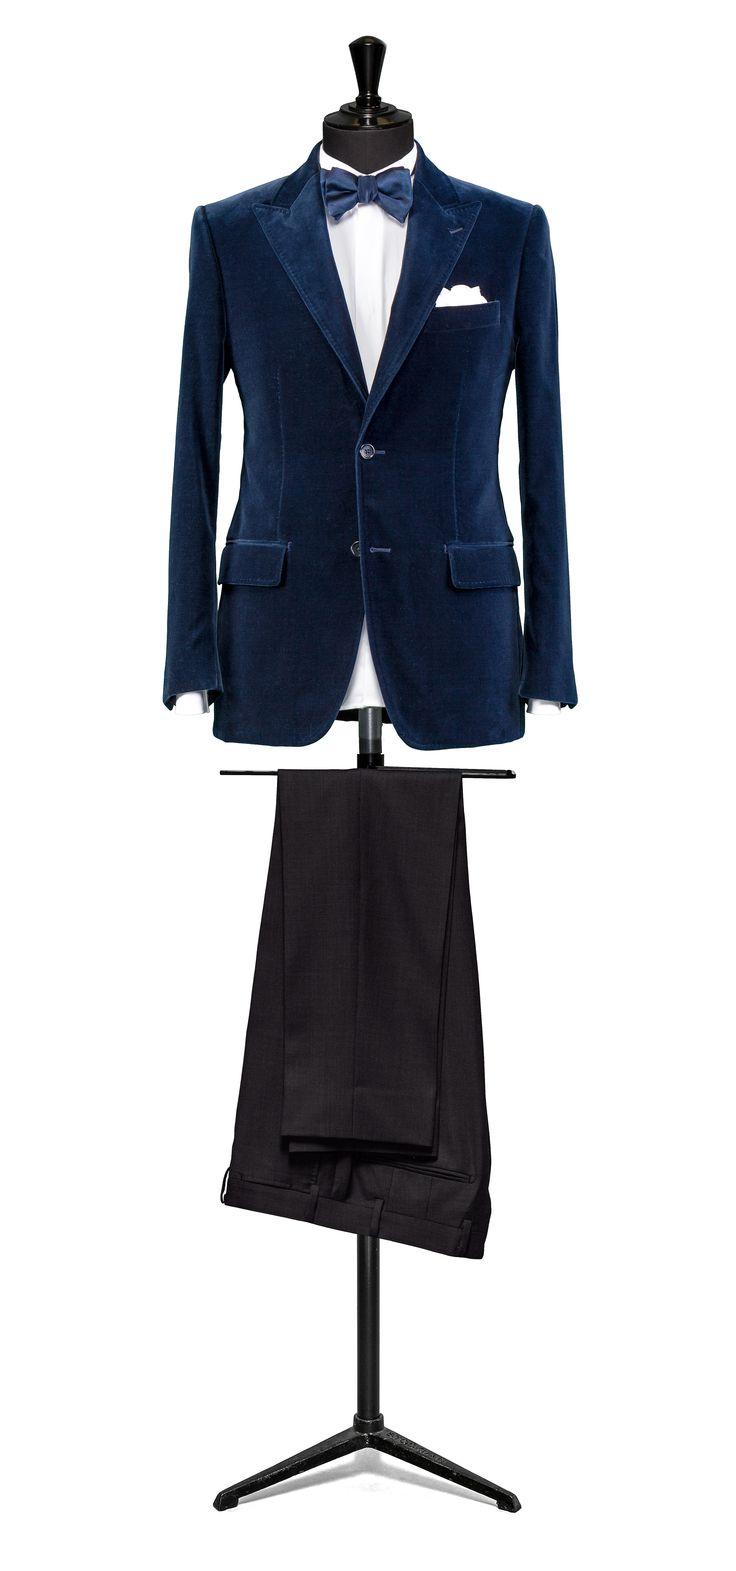 Blue jacket Velvet http://www.tailormadelondon.com/shop/tailored-dinner-suit-fabric-7838-blue-velvet/